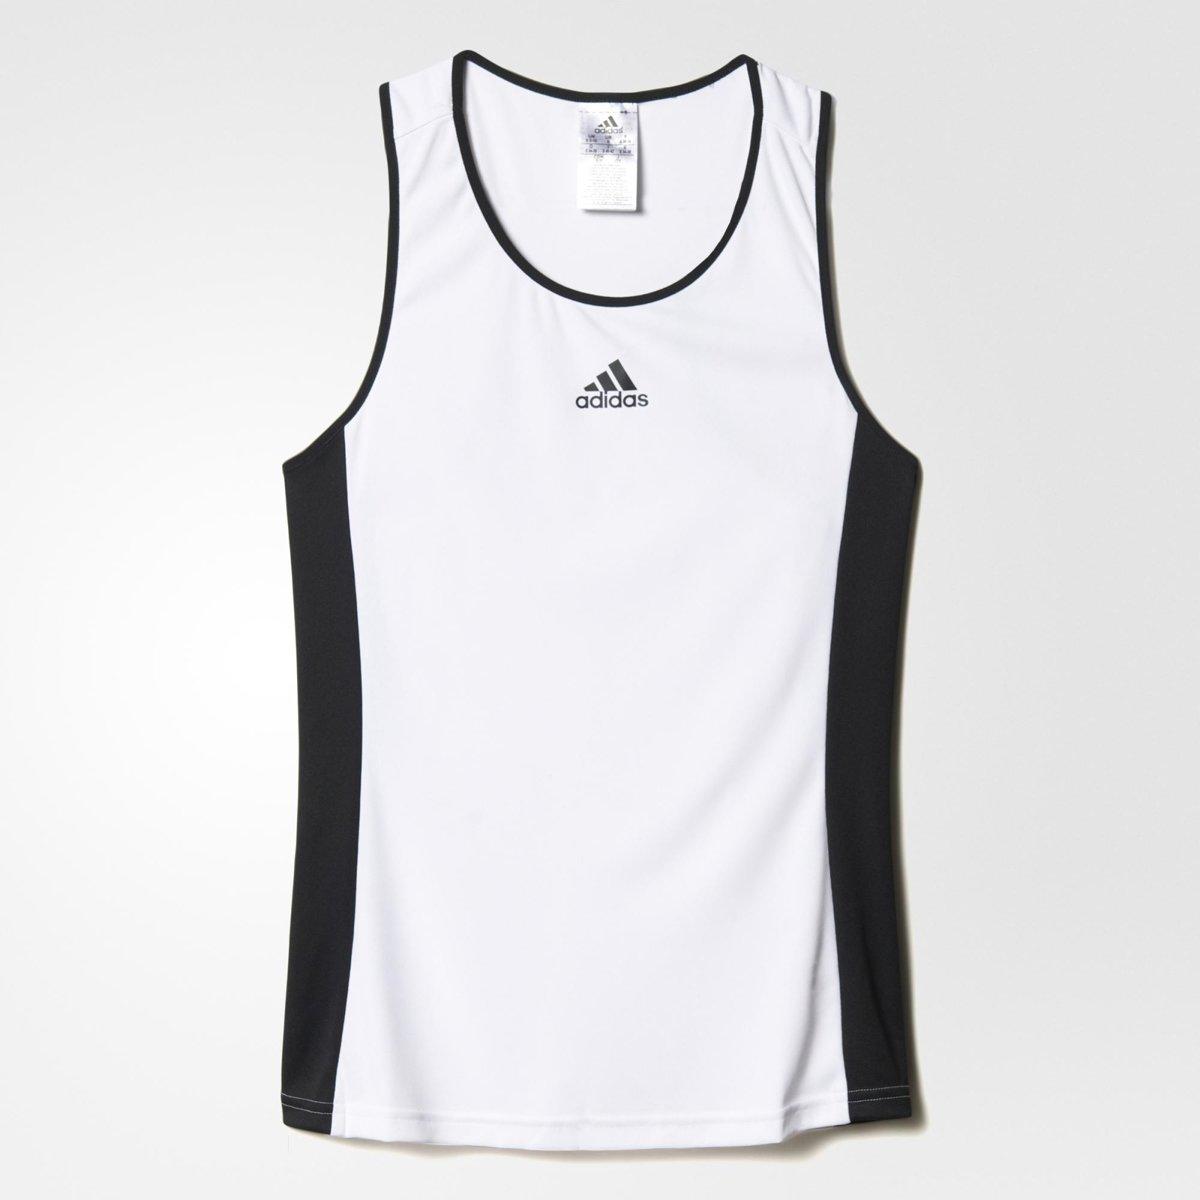 adidas Court Tank - Sportshirt - Dames - S - White thumbnail